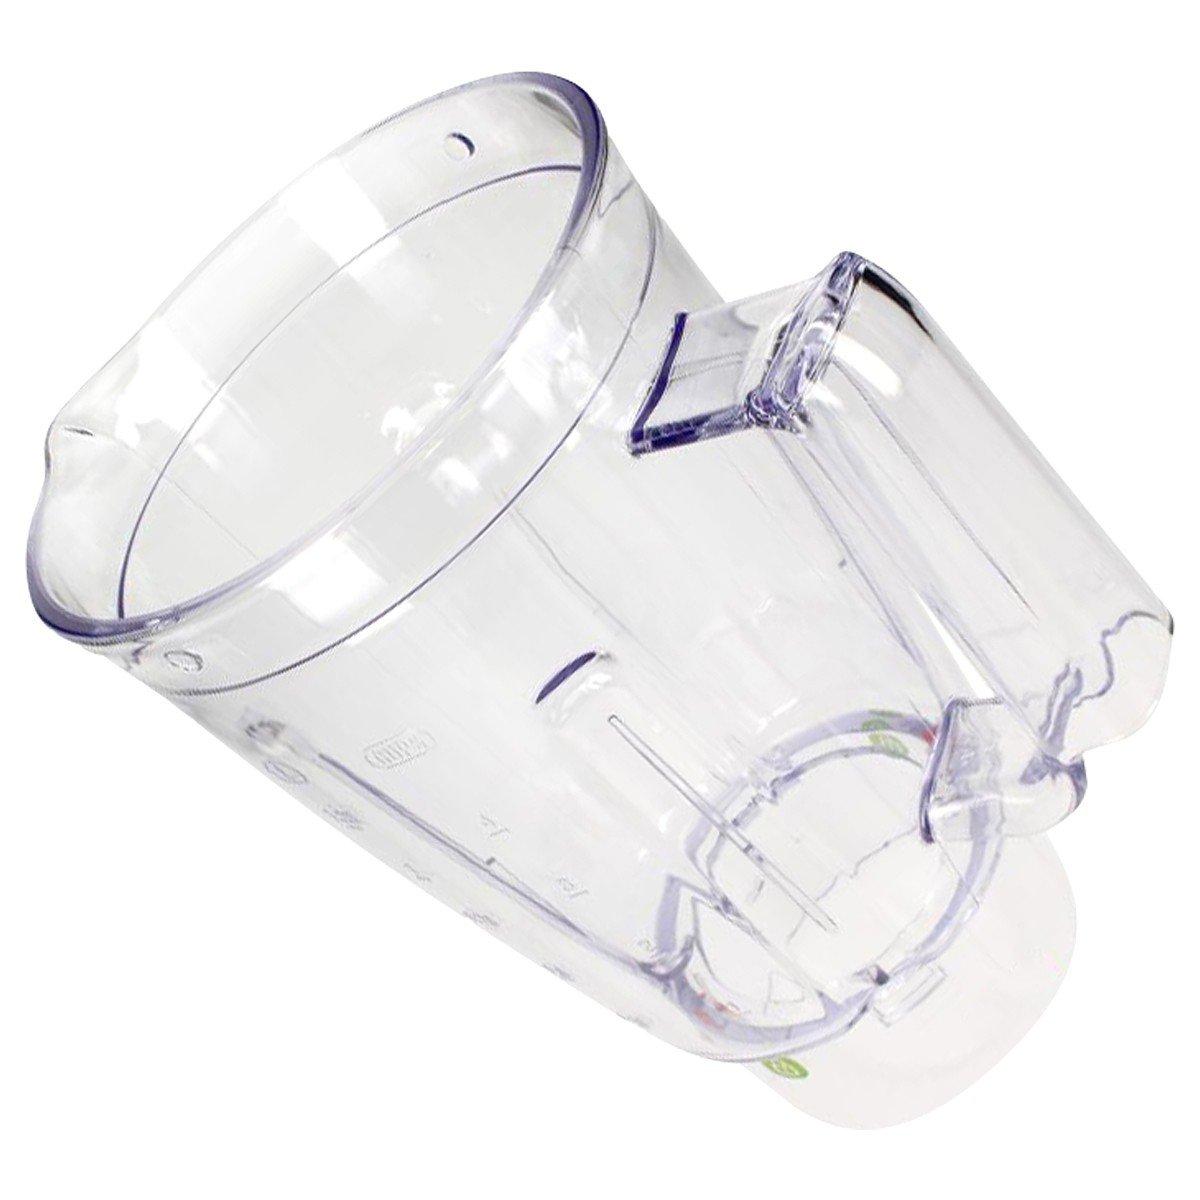 Cuenco licuadora plástico - Robot artículo - Moulinex, Rowenta ...